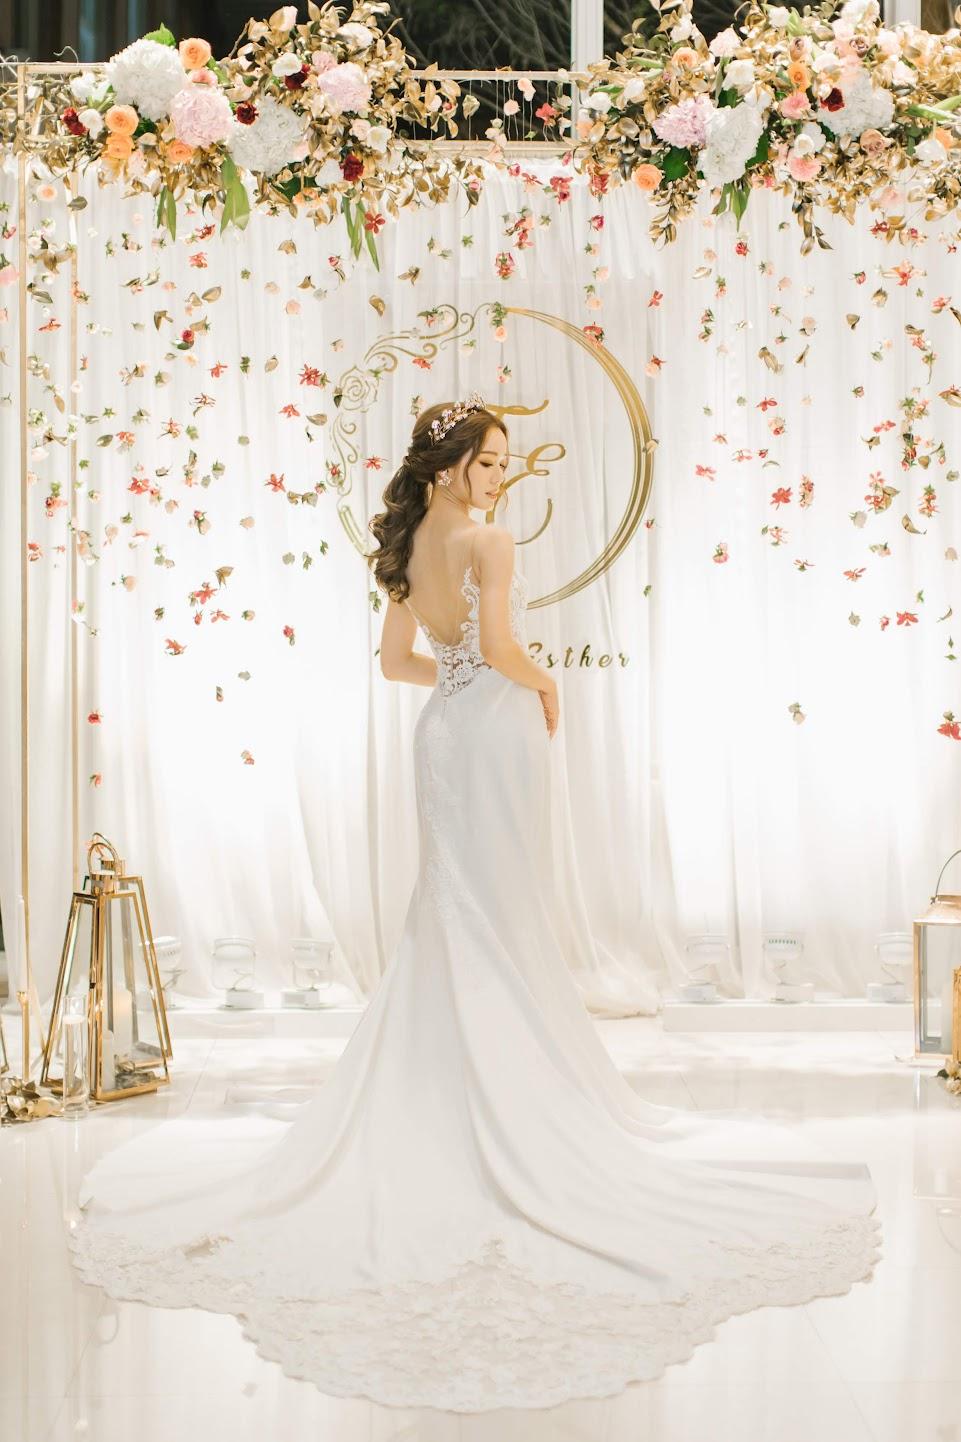 在 台中 的 心之芳庭 婚禮 場地舉行陽光正好的美式 婚禮 , 是每位新娘夢寐以求的西式婚禮樣式!